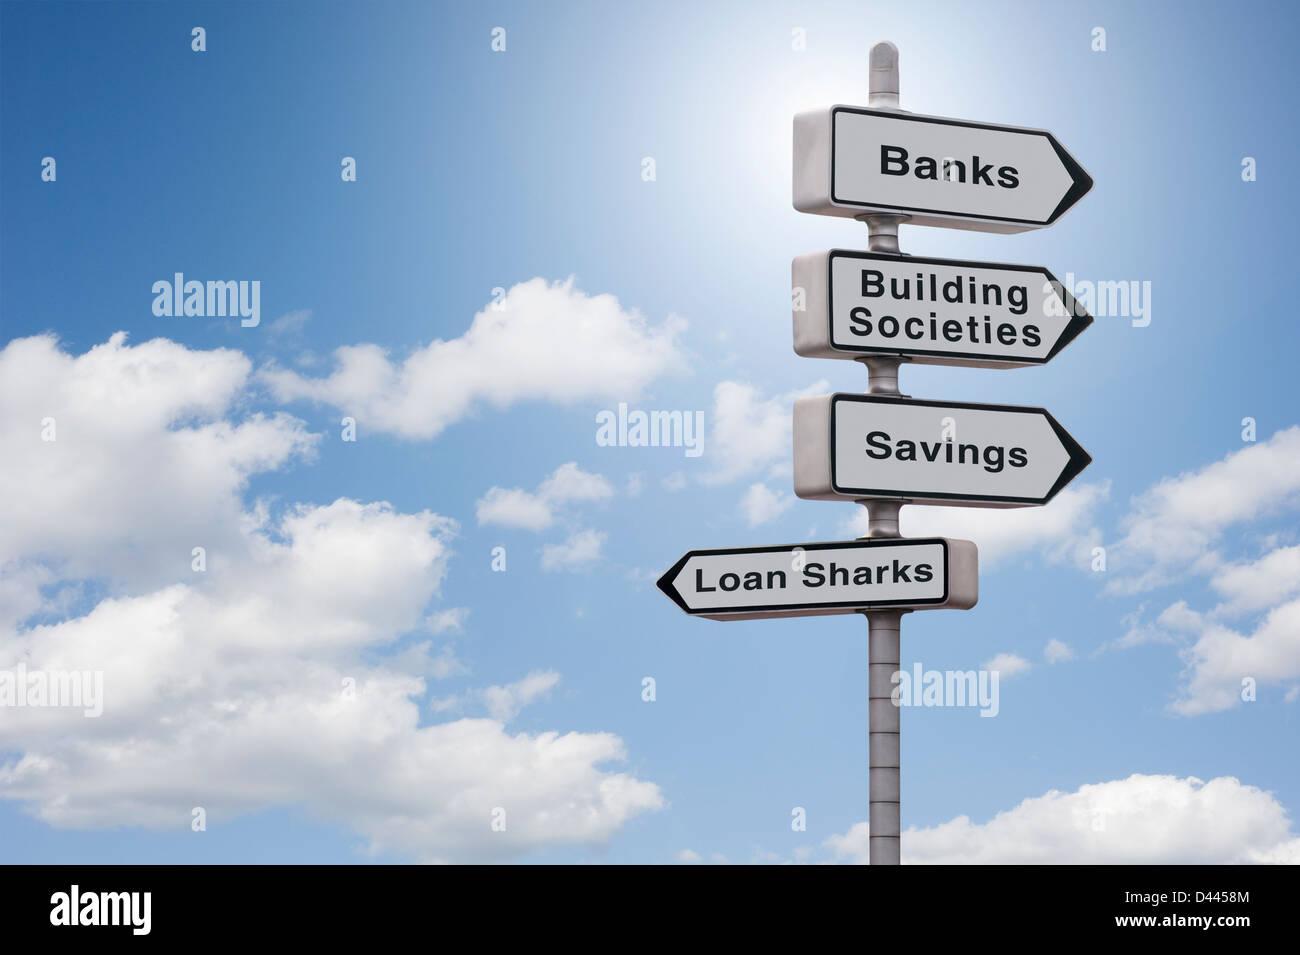 Signer avec les banques, les sociétés de construction, de l'épargne vers la droite et usuriers Photo Stock